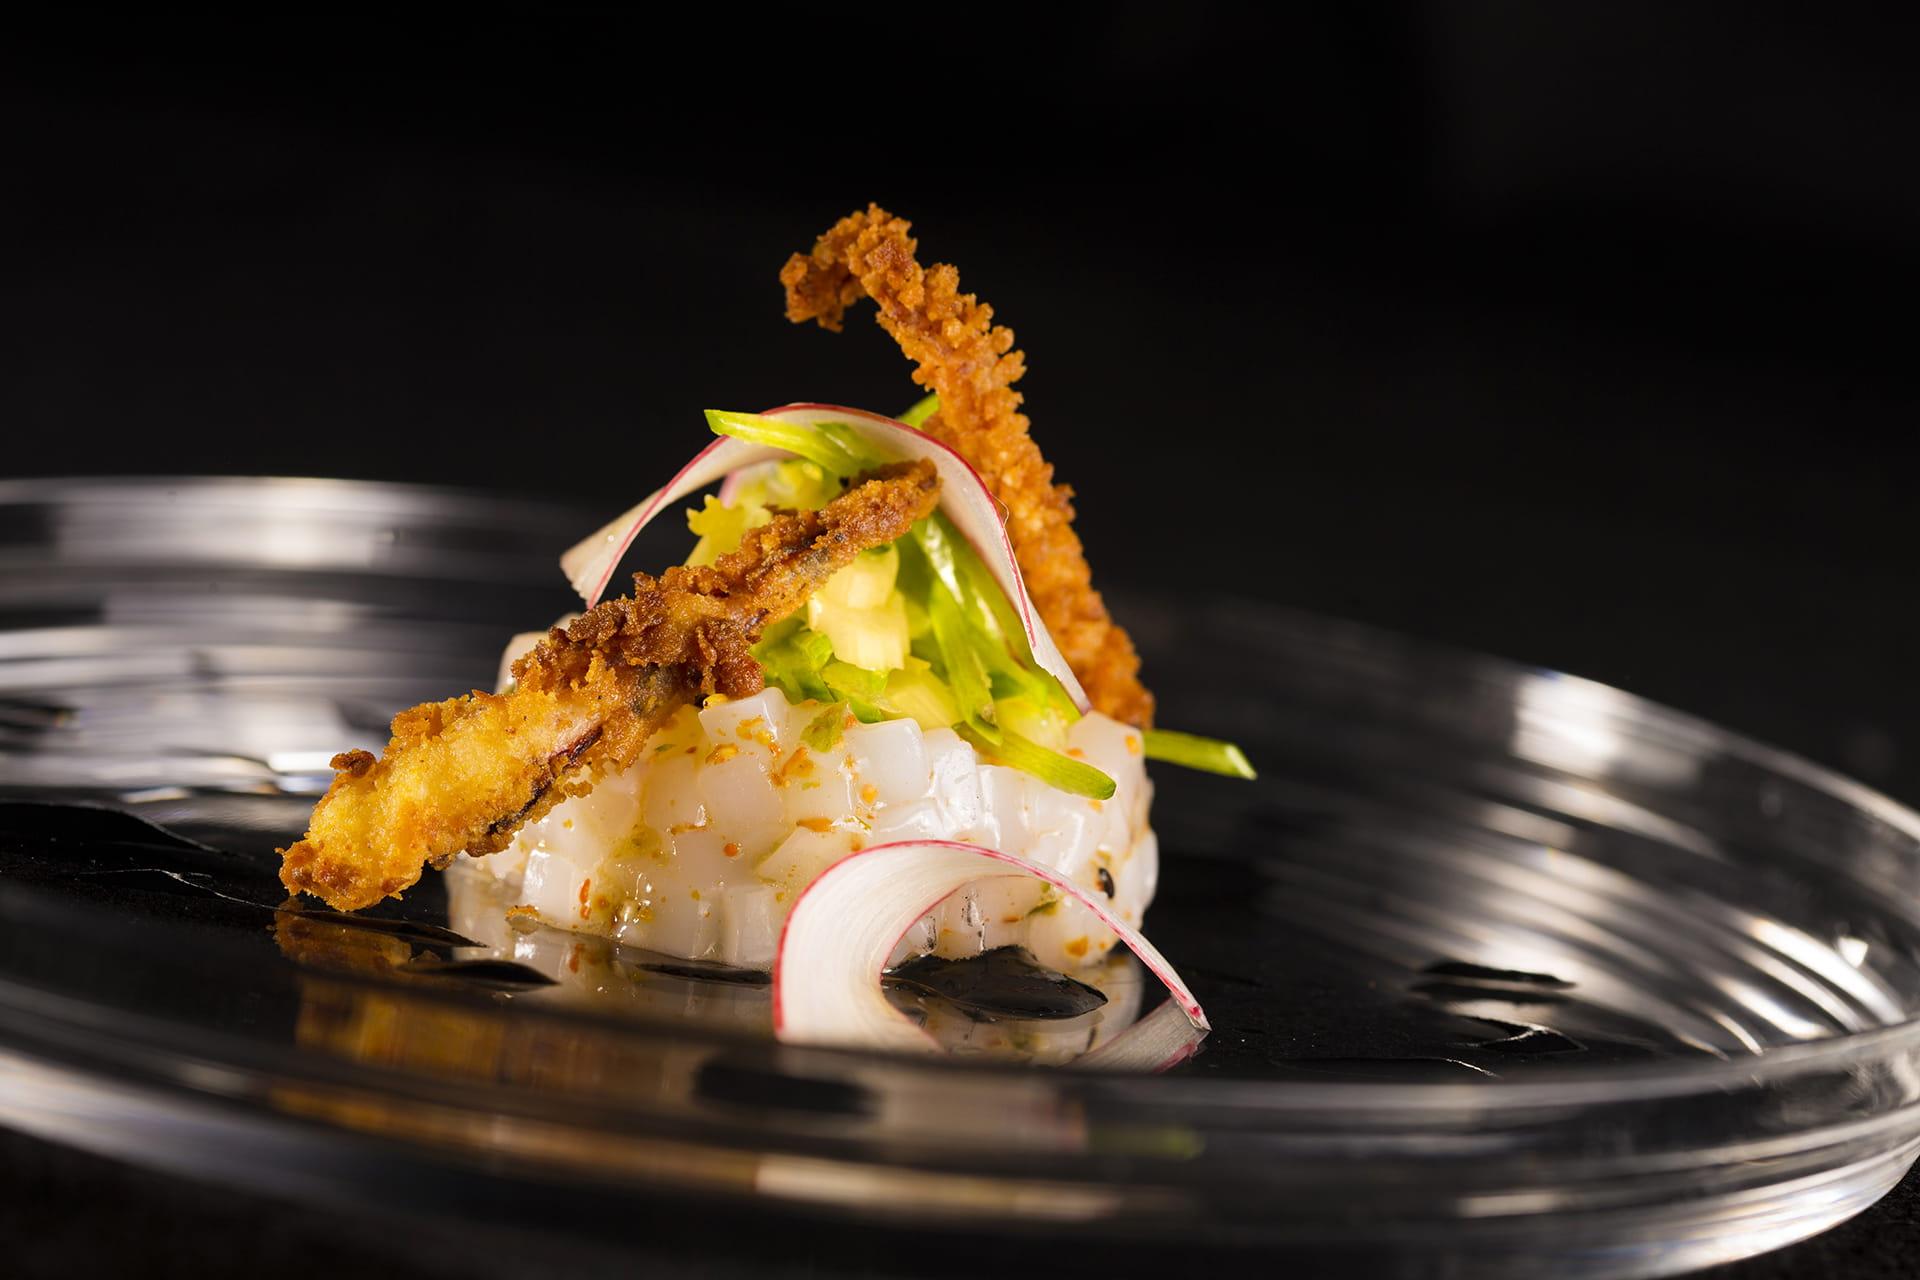 Tartar de calamar con ensalada de ruibarbo, tirabeques y caldo infusionado en estragón